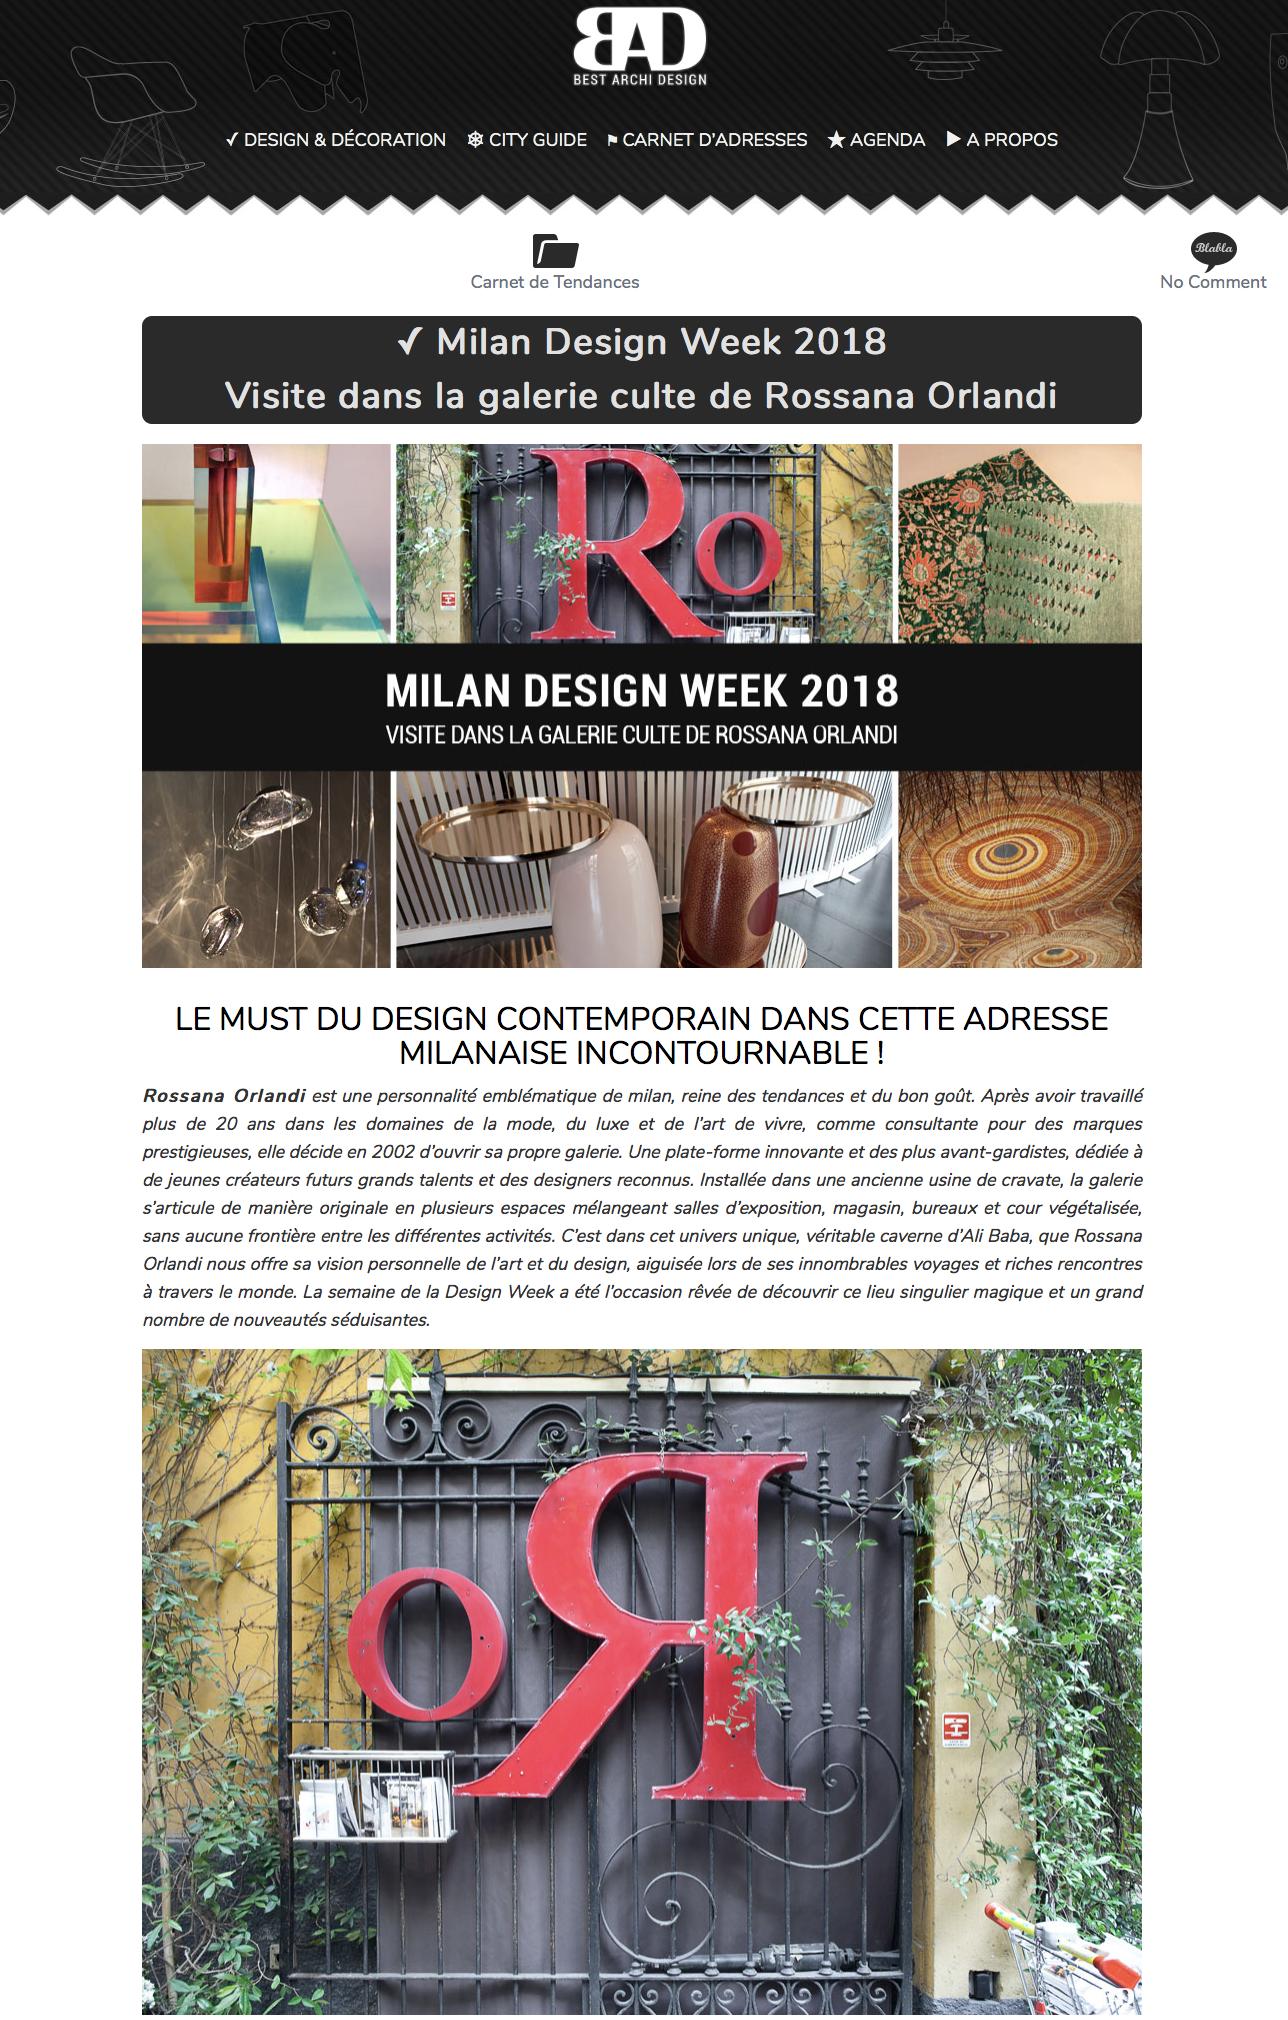 Best Archi Design 2018